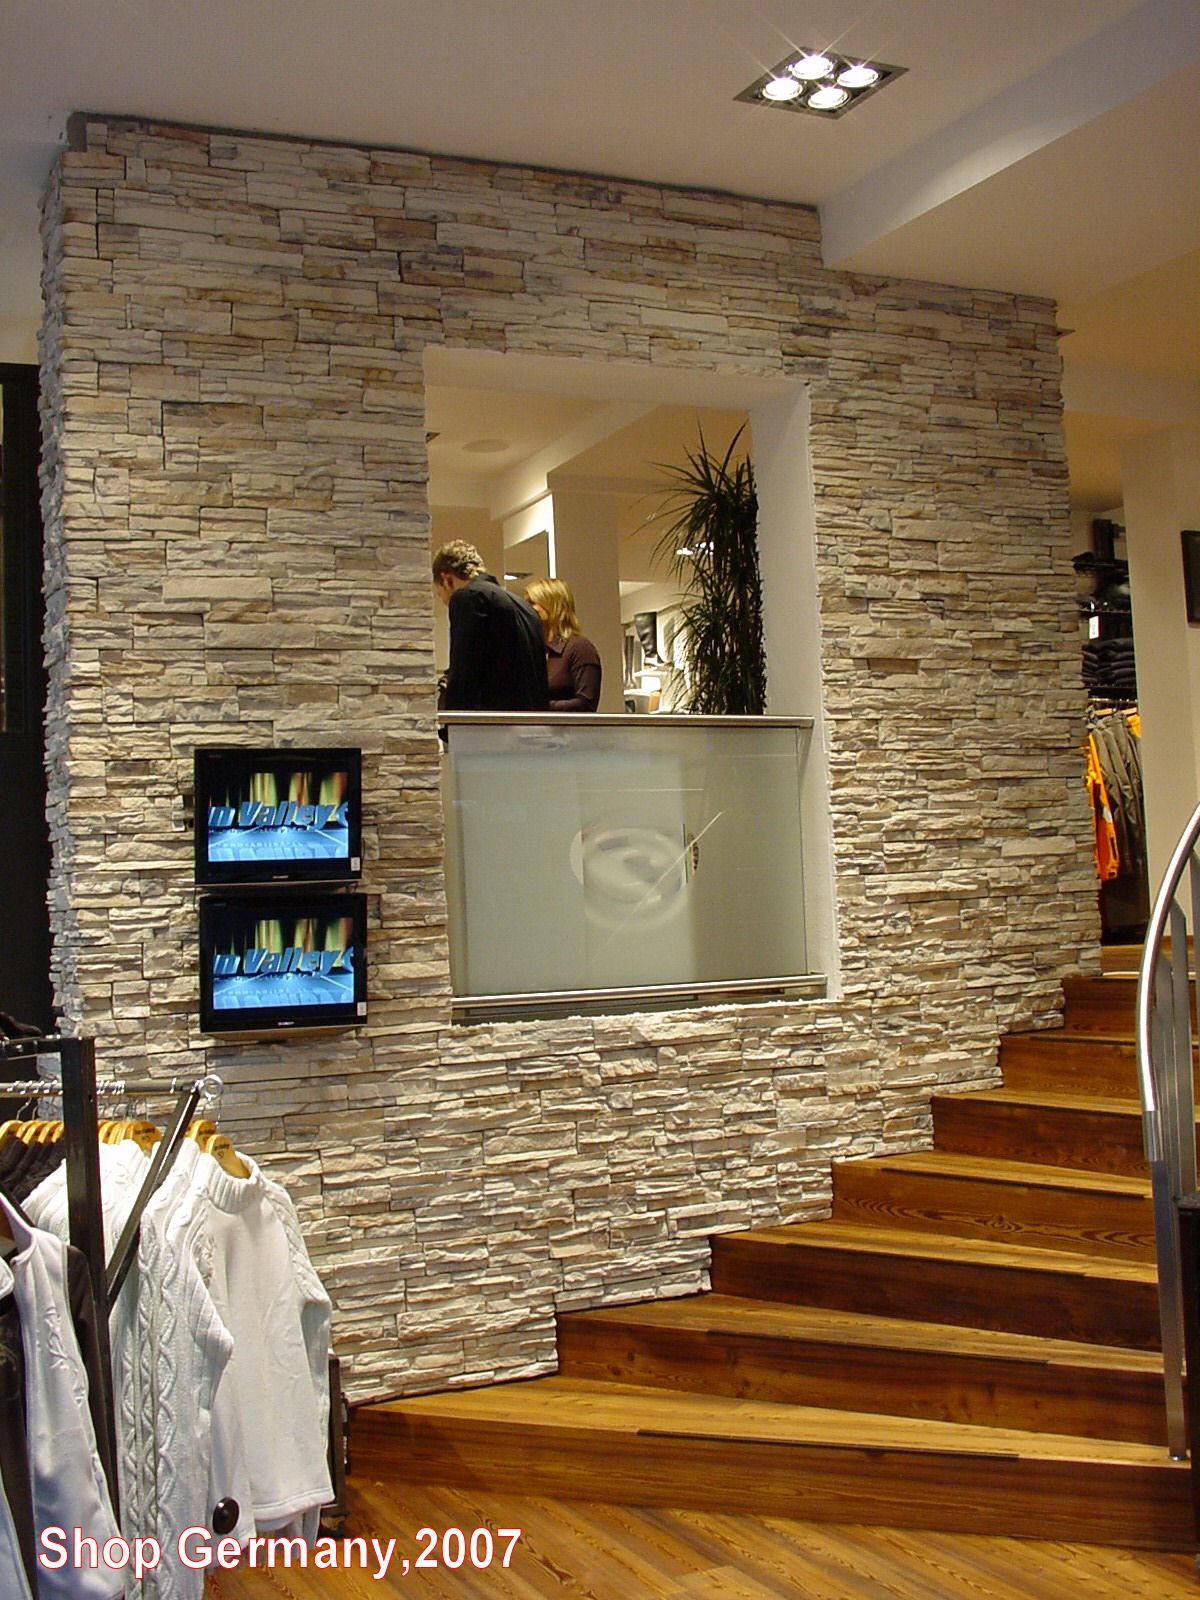 design fernsehwnde gut auf moderne deko ideen auch steinwand schlafzimmer 10. fototapete ...